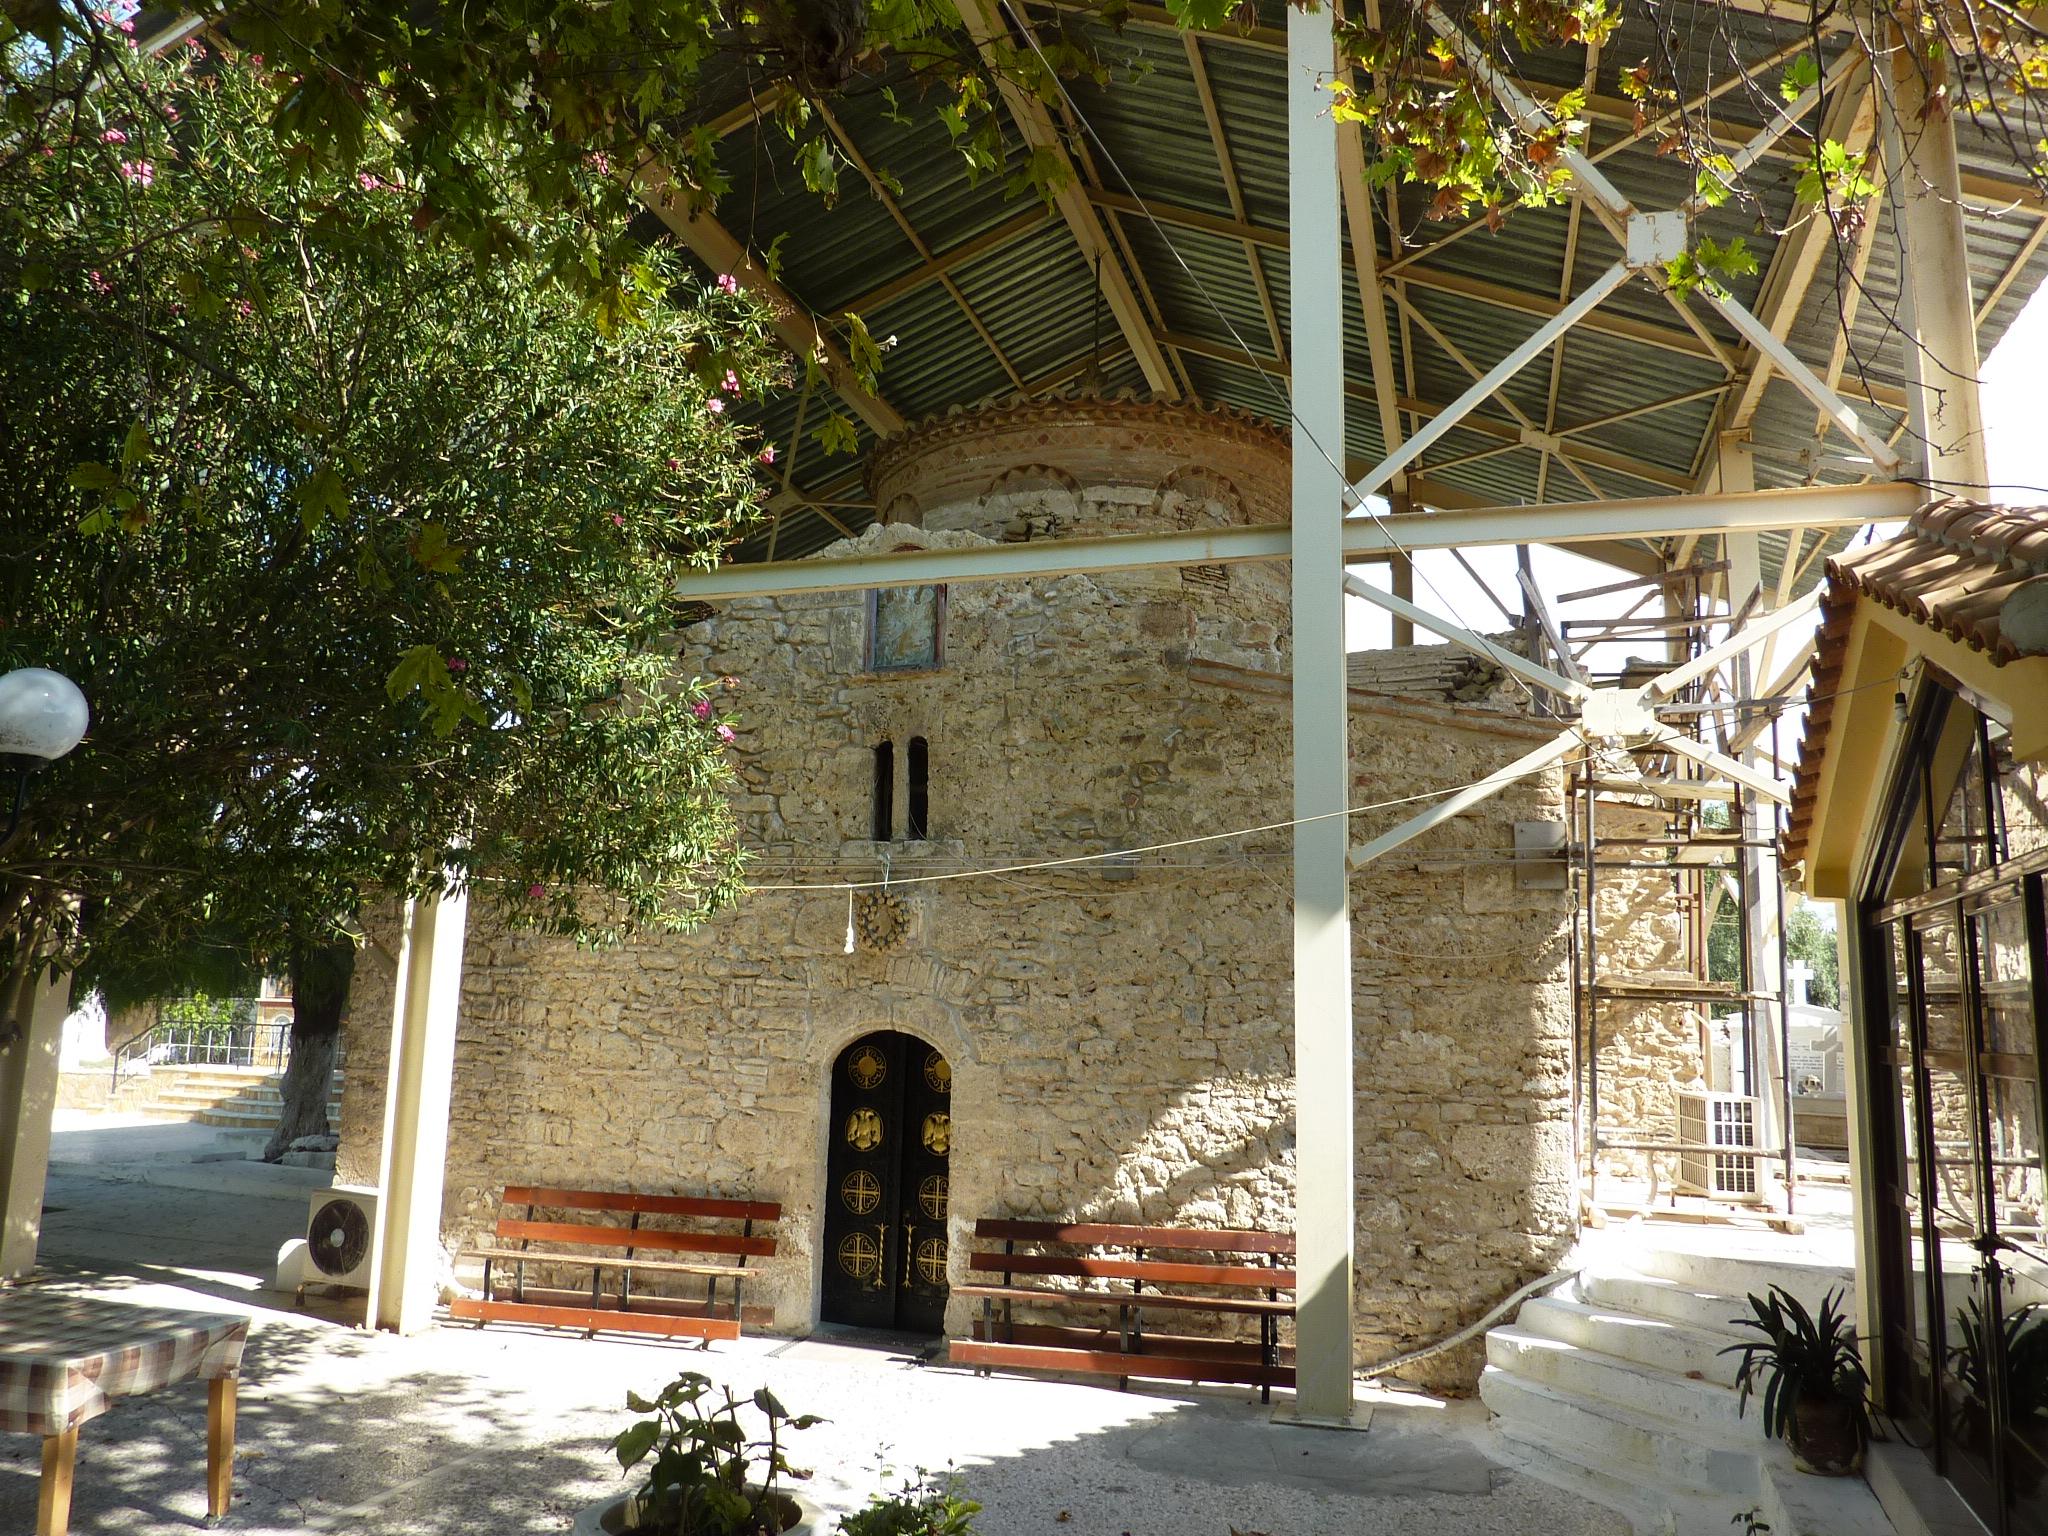 Frangavilla Monastery